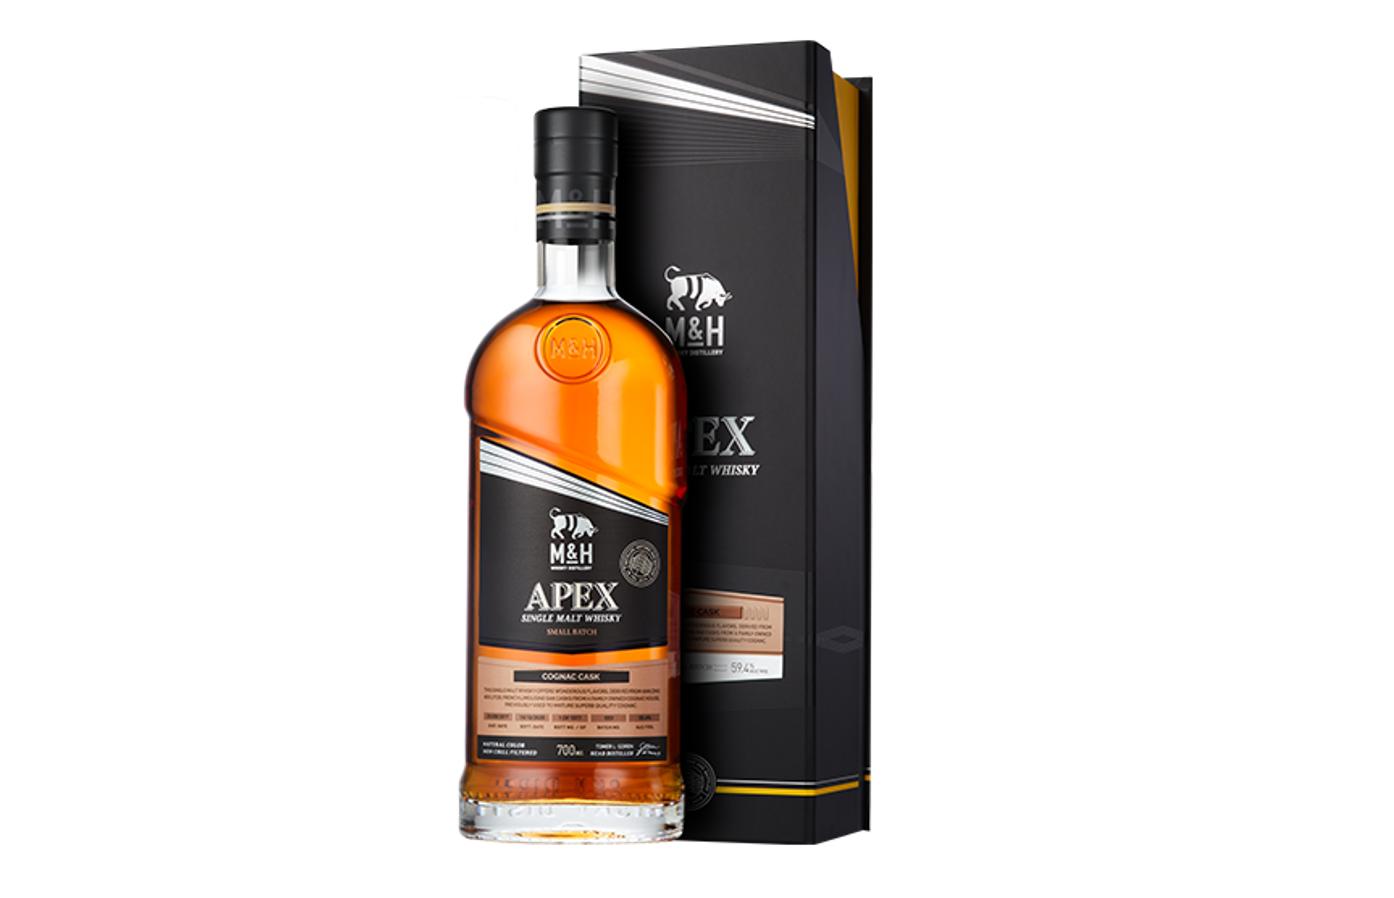 M&H Apex Cognac Cask (image via M&H Distillery)